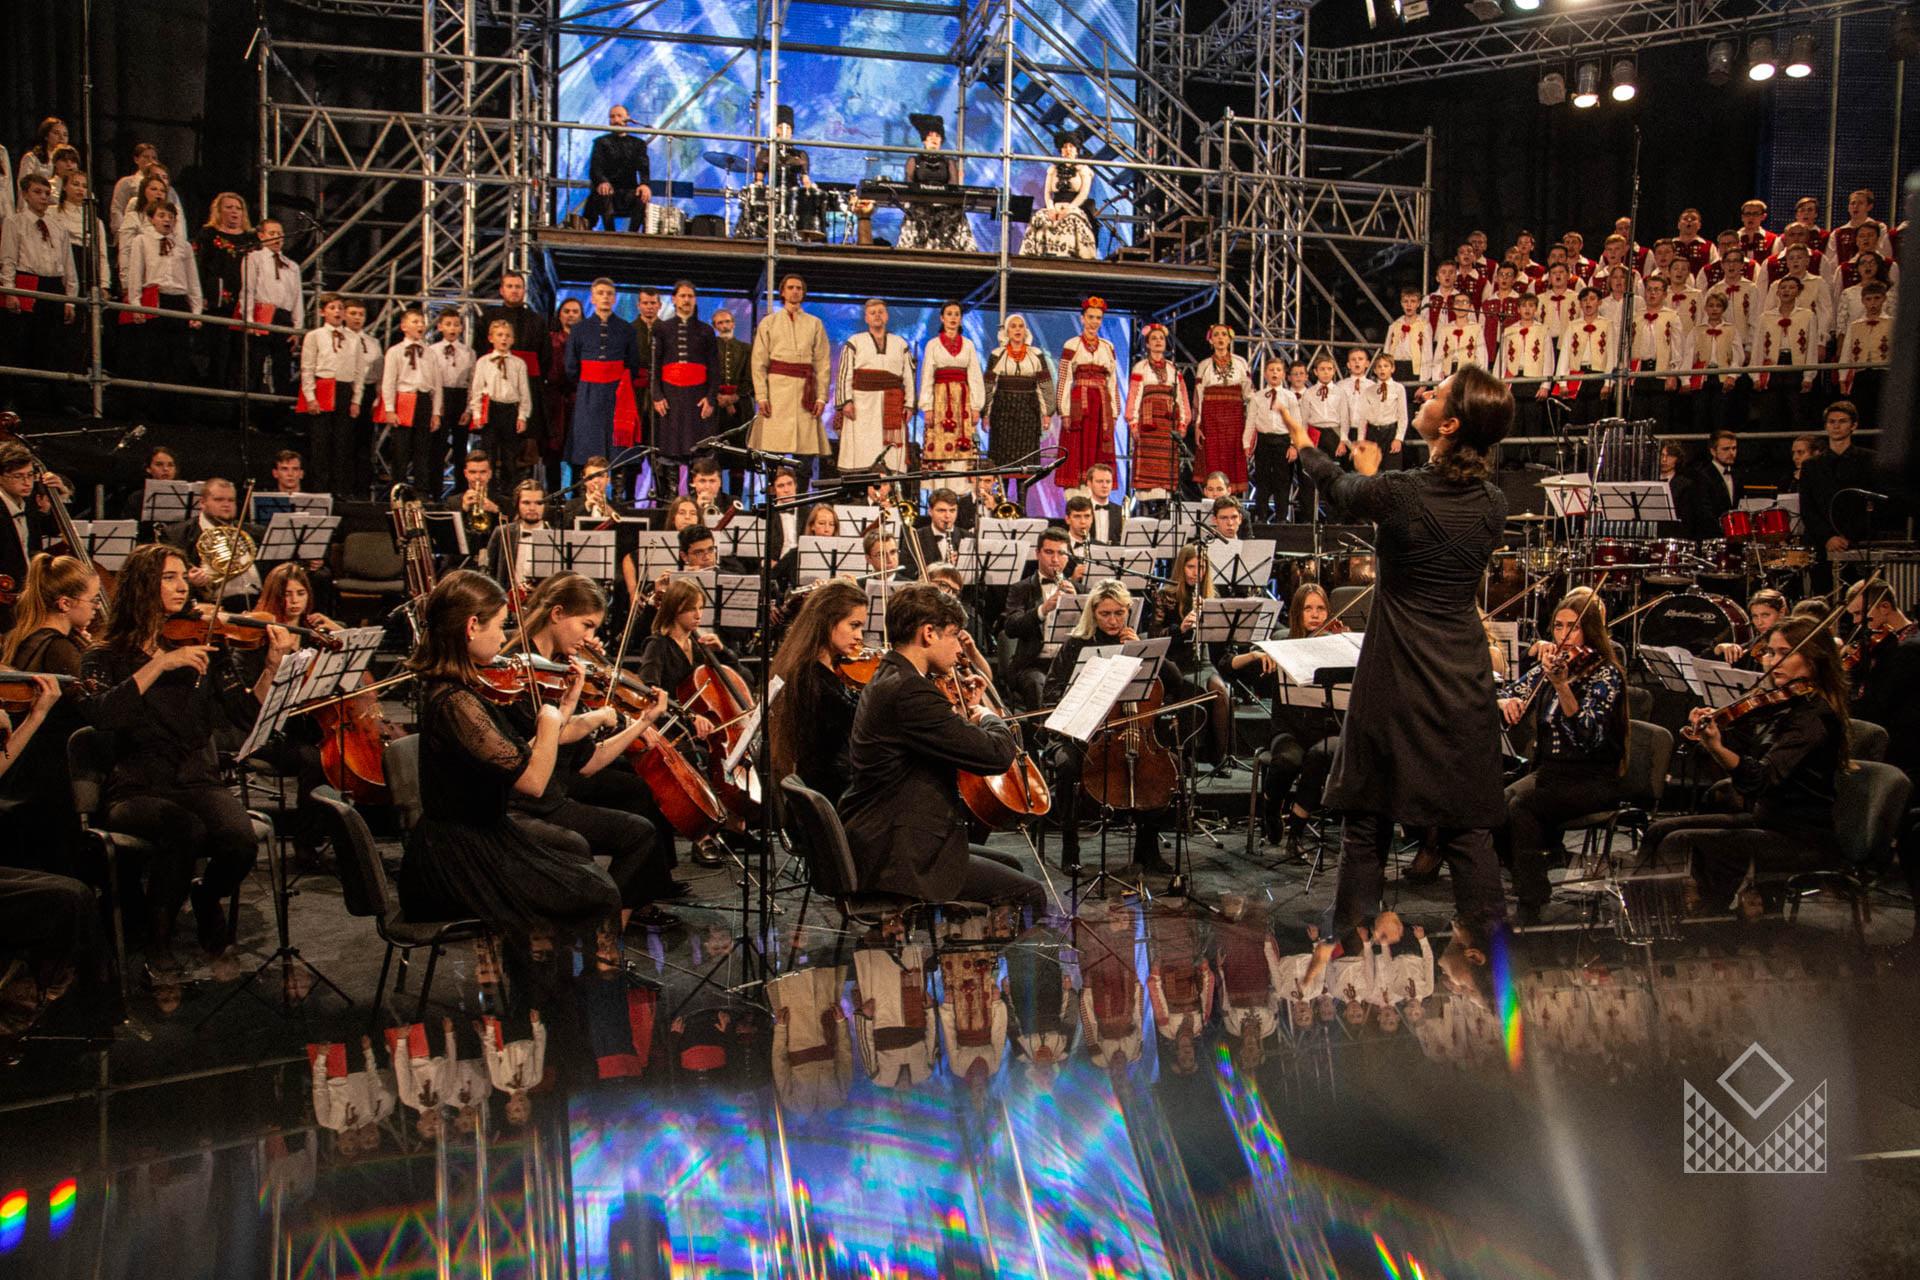 Фестивали, концерты и парад: самые яркие события ко Дню независимости в Киеве, которые можно посетить бесплатно